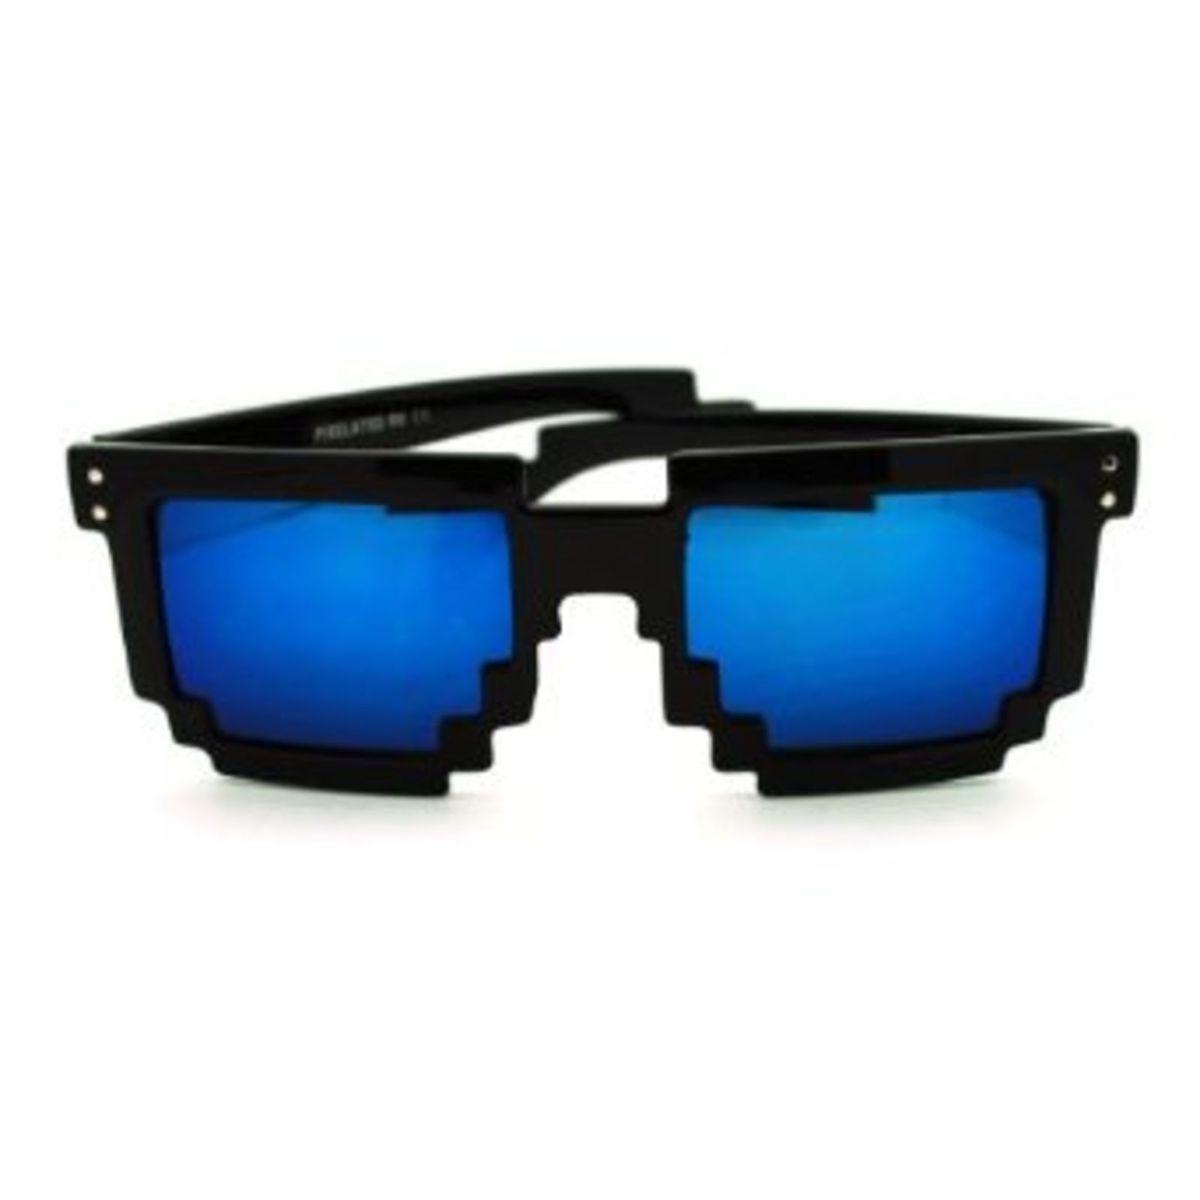 077013345433f Óculos Pixel com Lentes Espelhadas - Geek